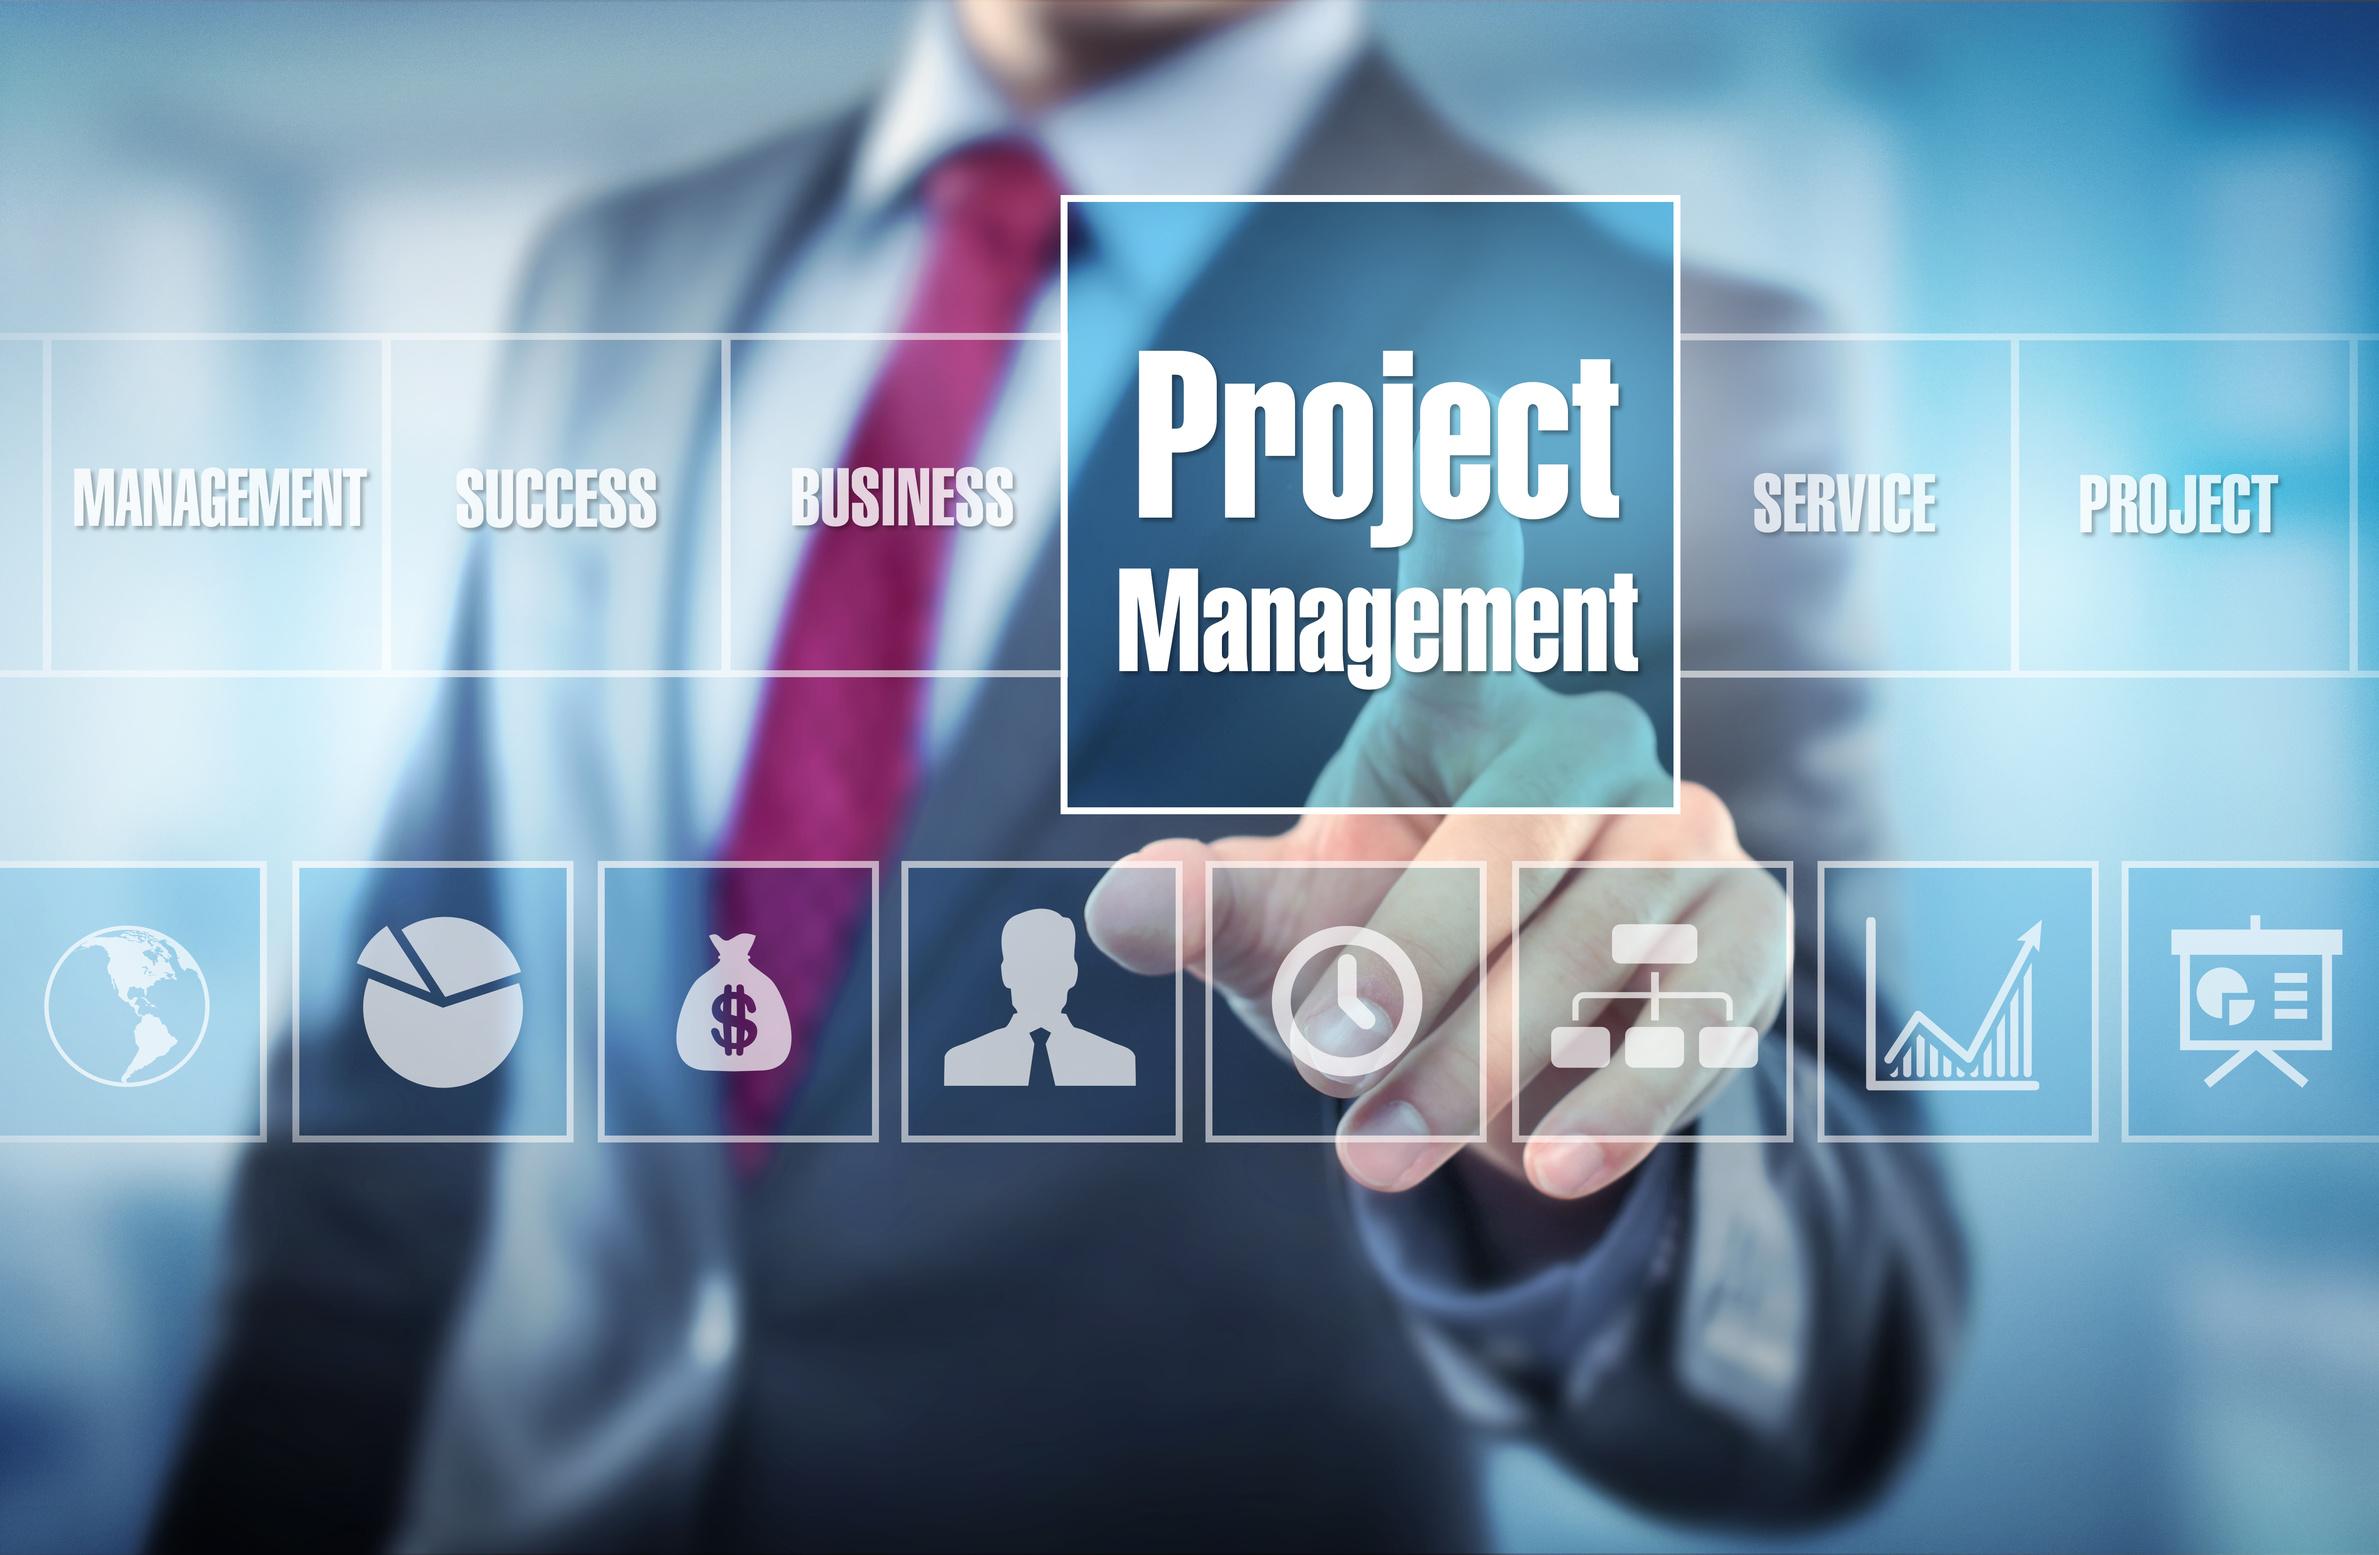 Trasformazione digitale e tecnologica e project management